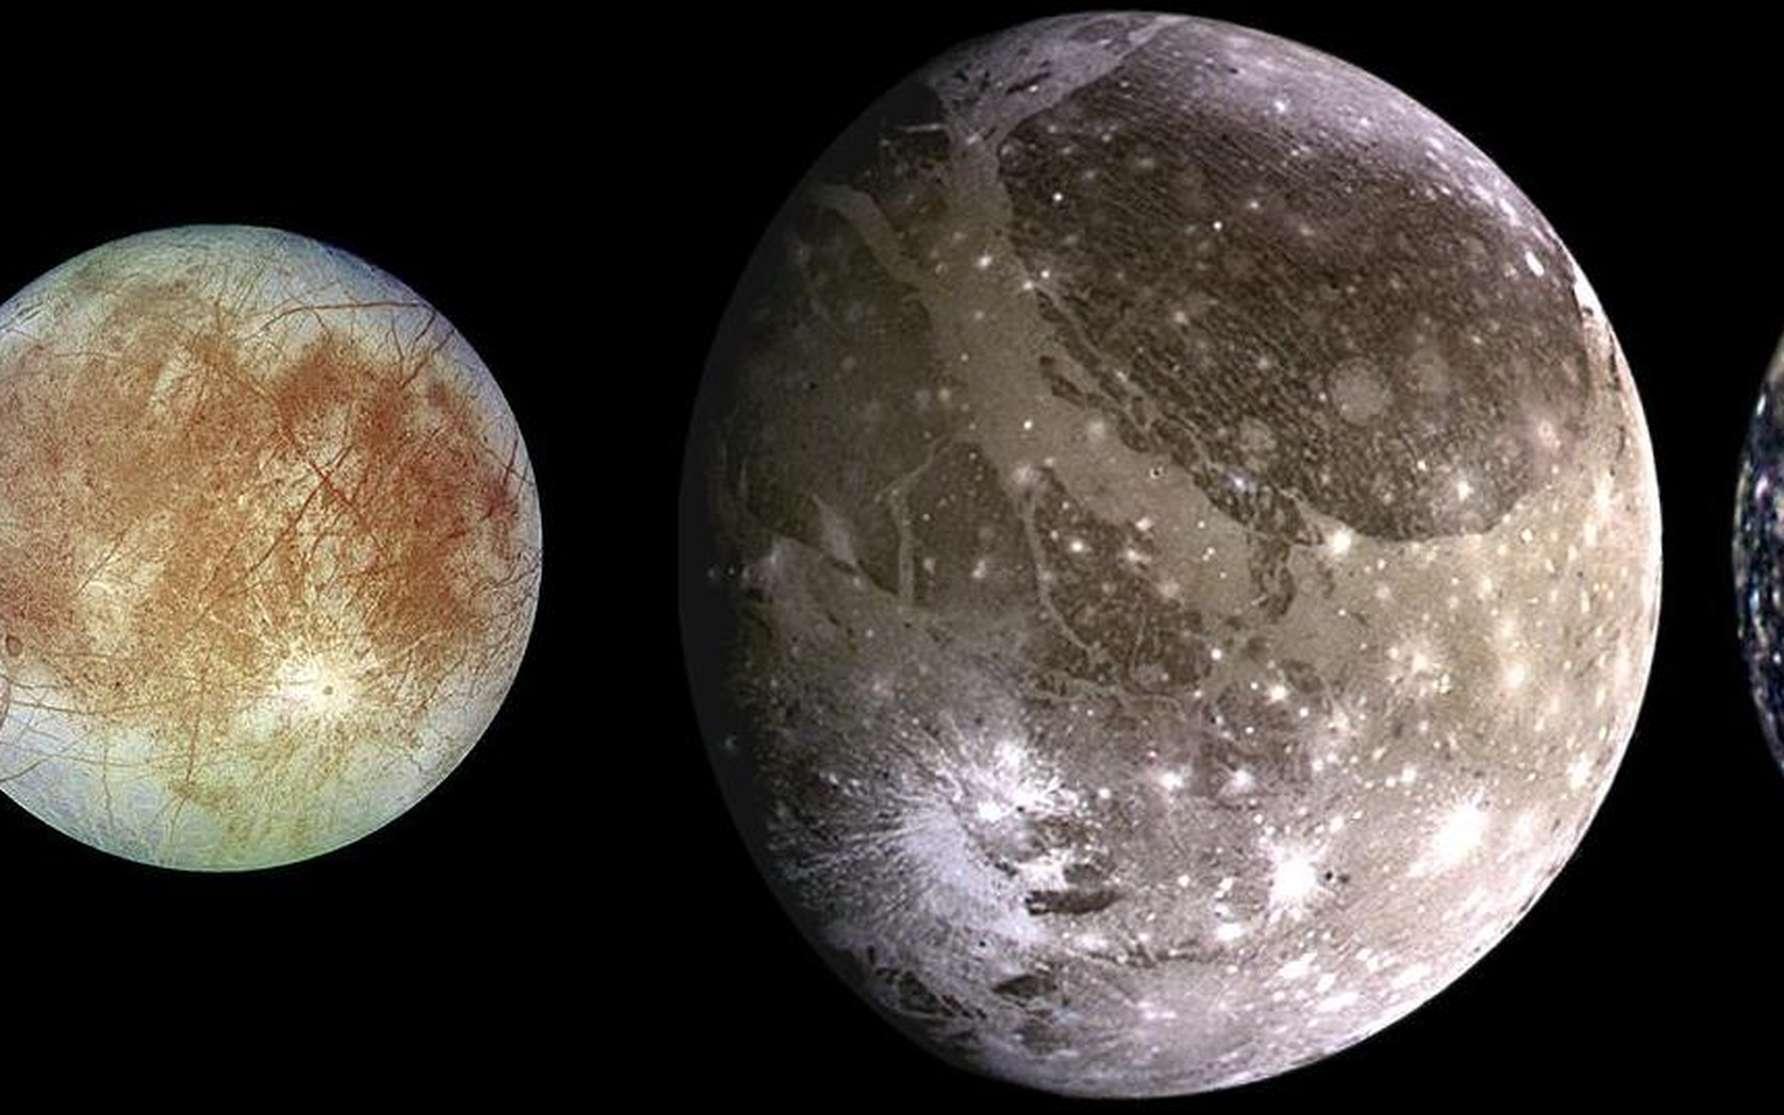 Les quatre lunes médicéennes de Jupiter photographiées par Galileo. De gauche à droite, en partant de Jupiter : Io, Europe, Callisto, Ganymède. © Nasa